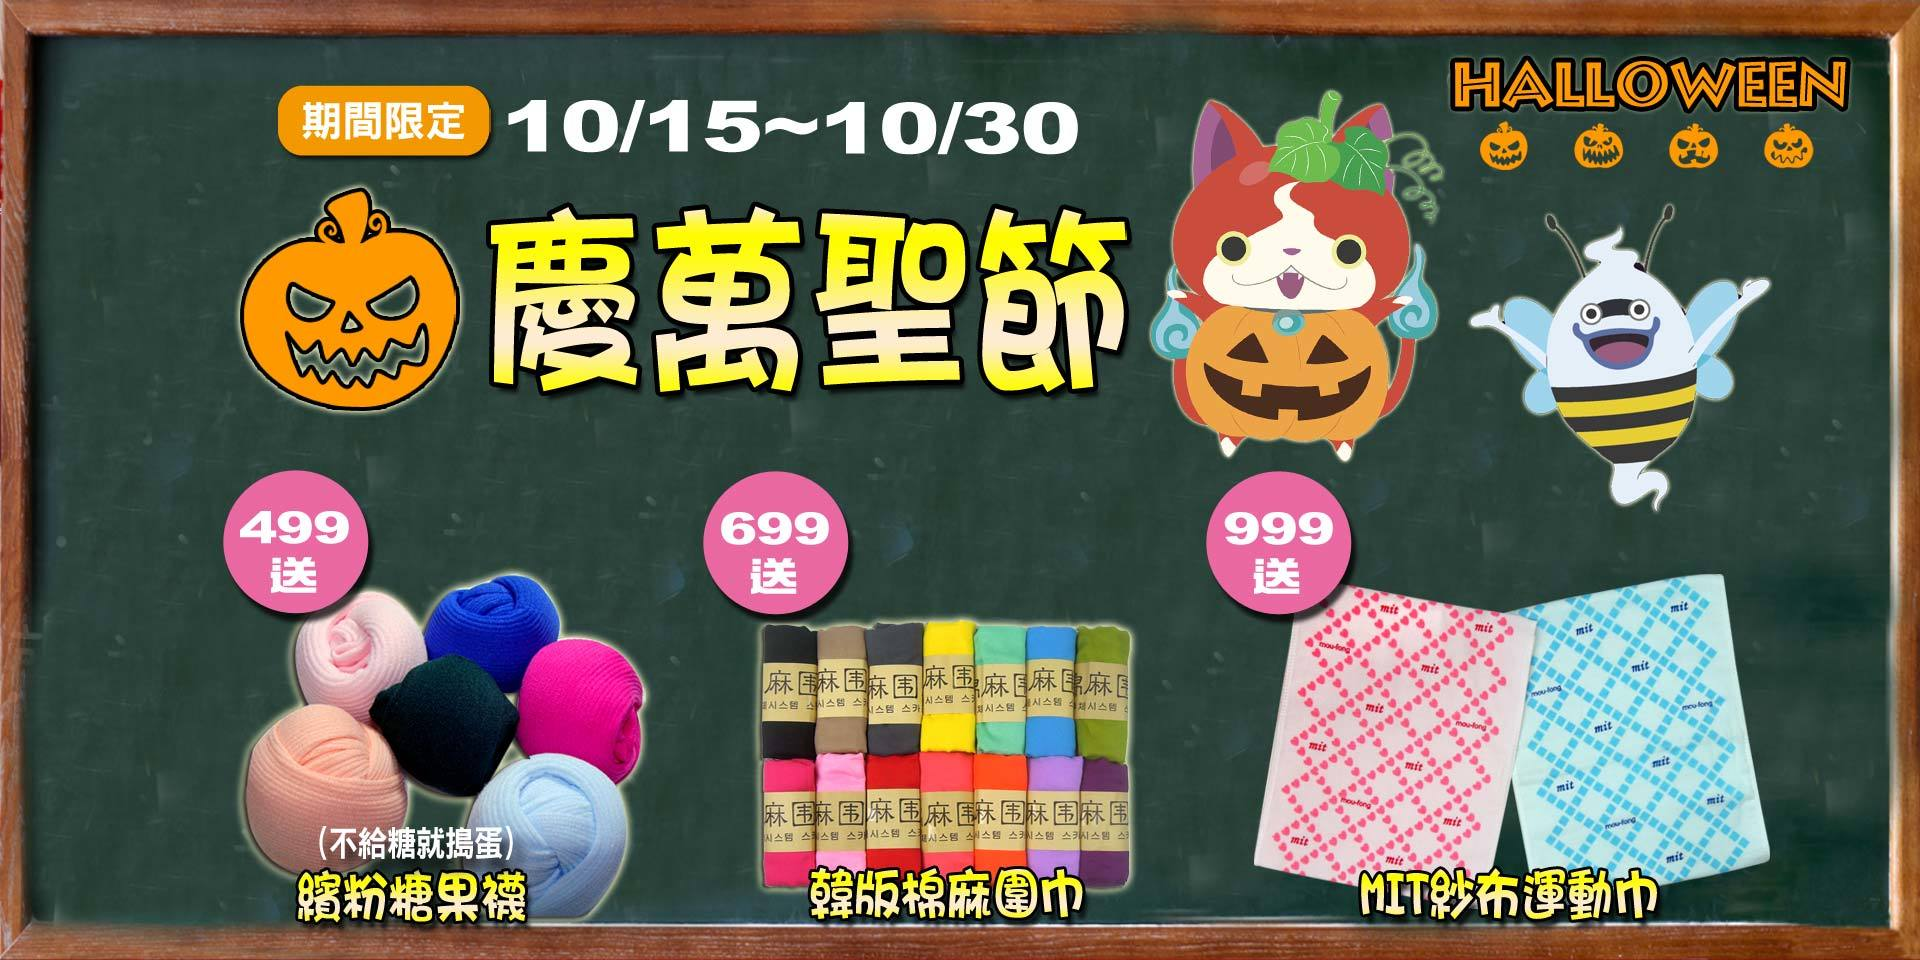 歡慶萬聖節~滿499元送糖果襪、滿699送棉麻圍巾、滿999送台灣製紗布運動巾!